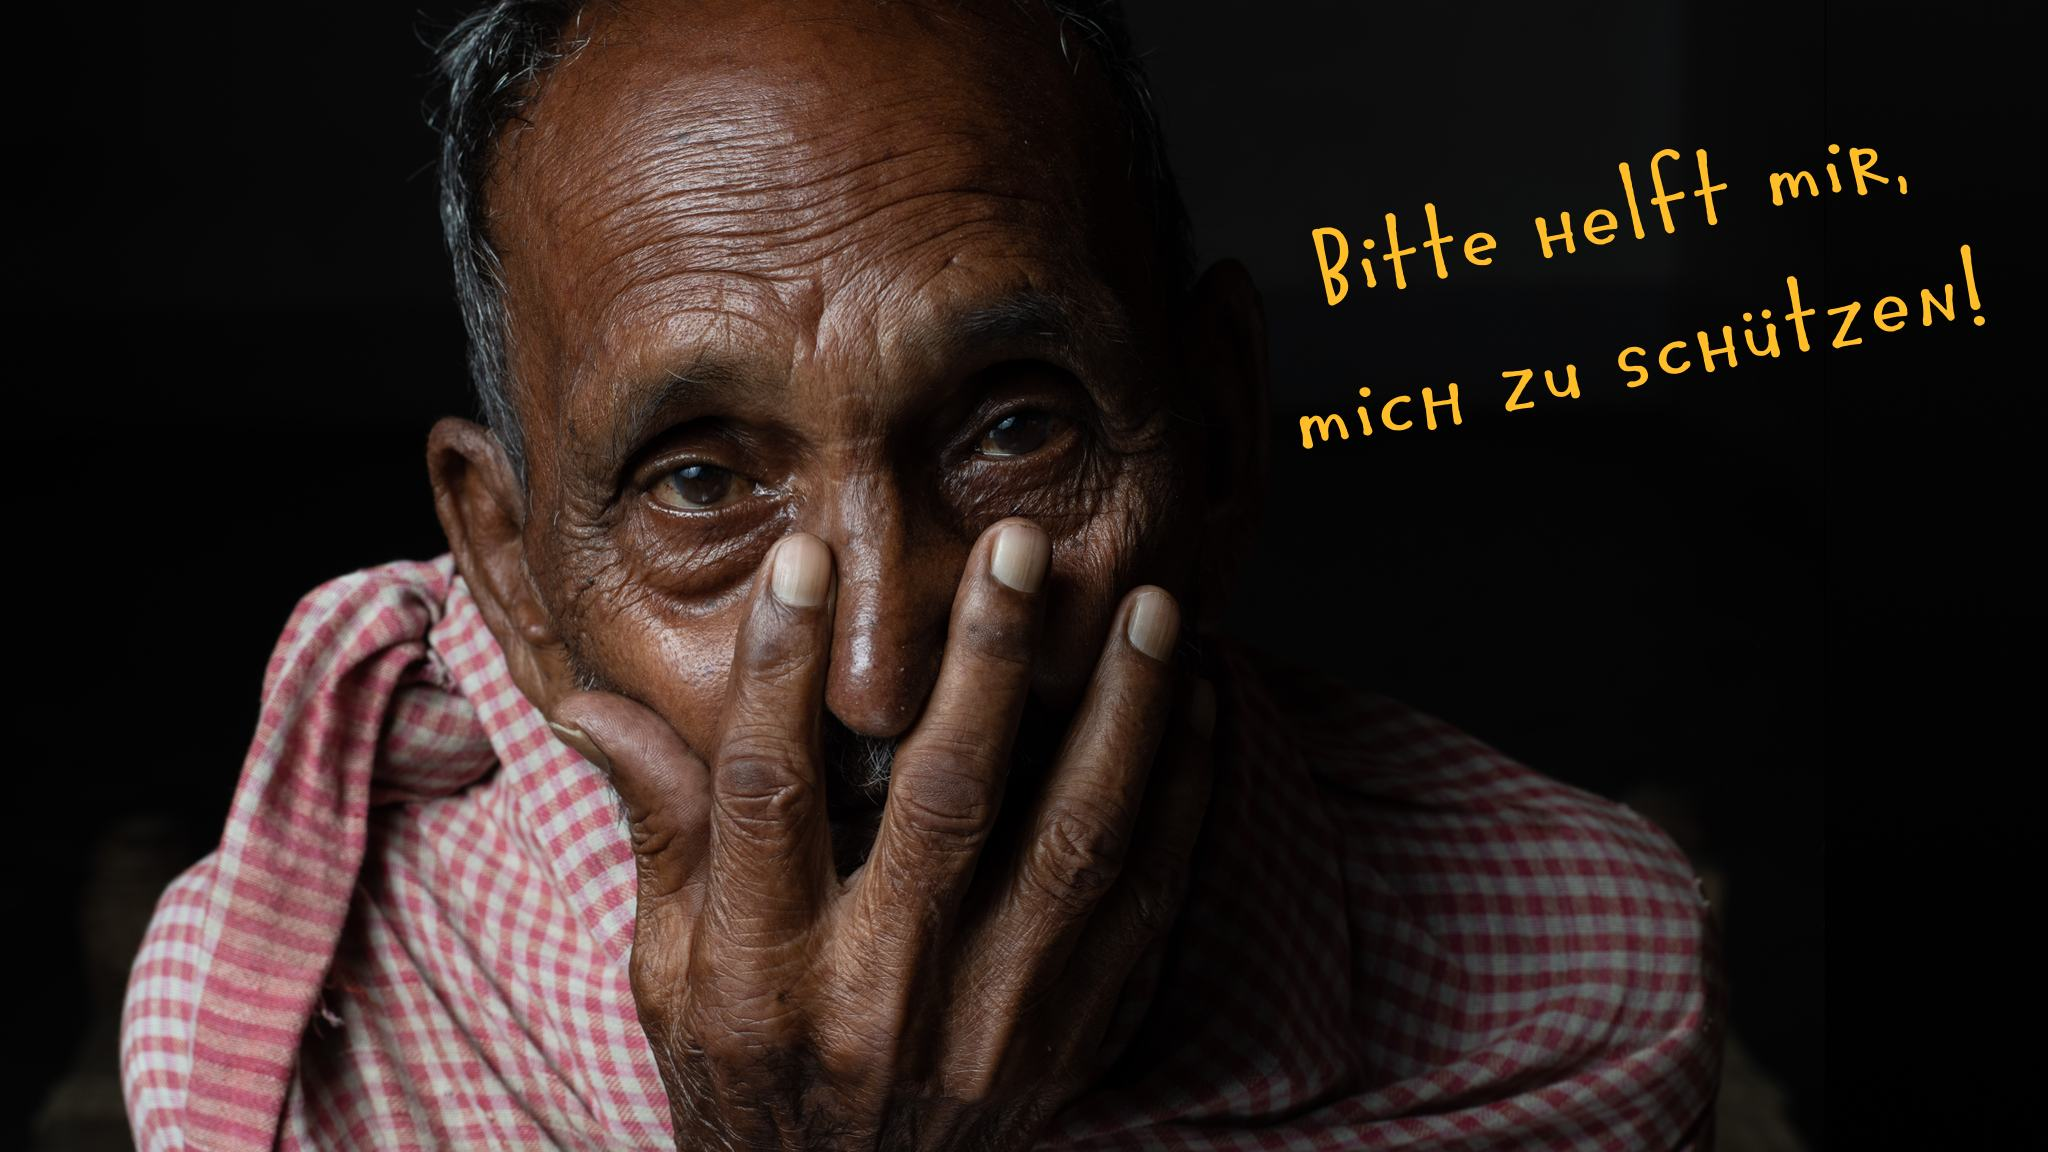 Corona Katastrophe in Indien - Bitte helft mir mich zu schützen